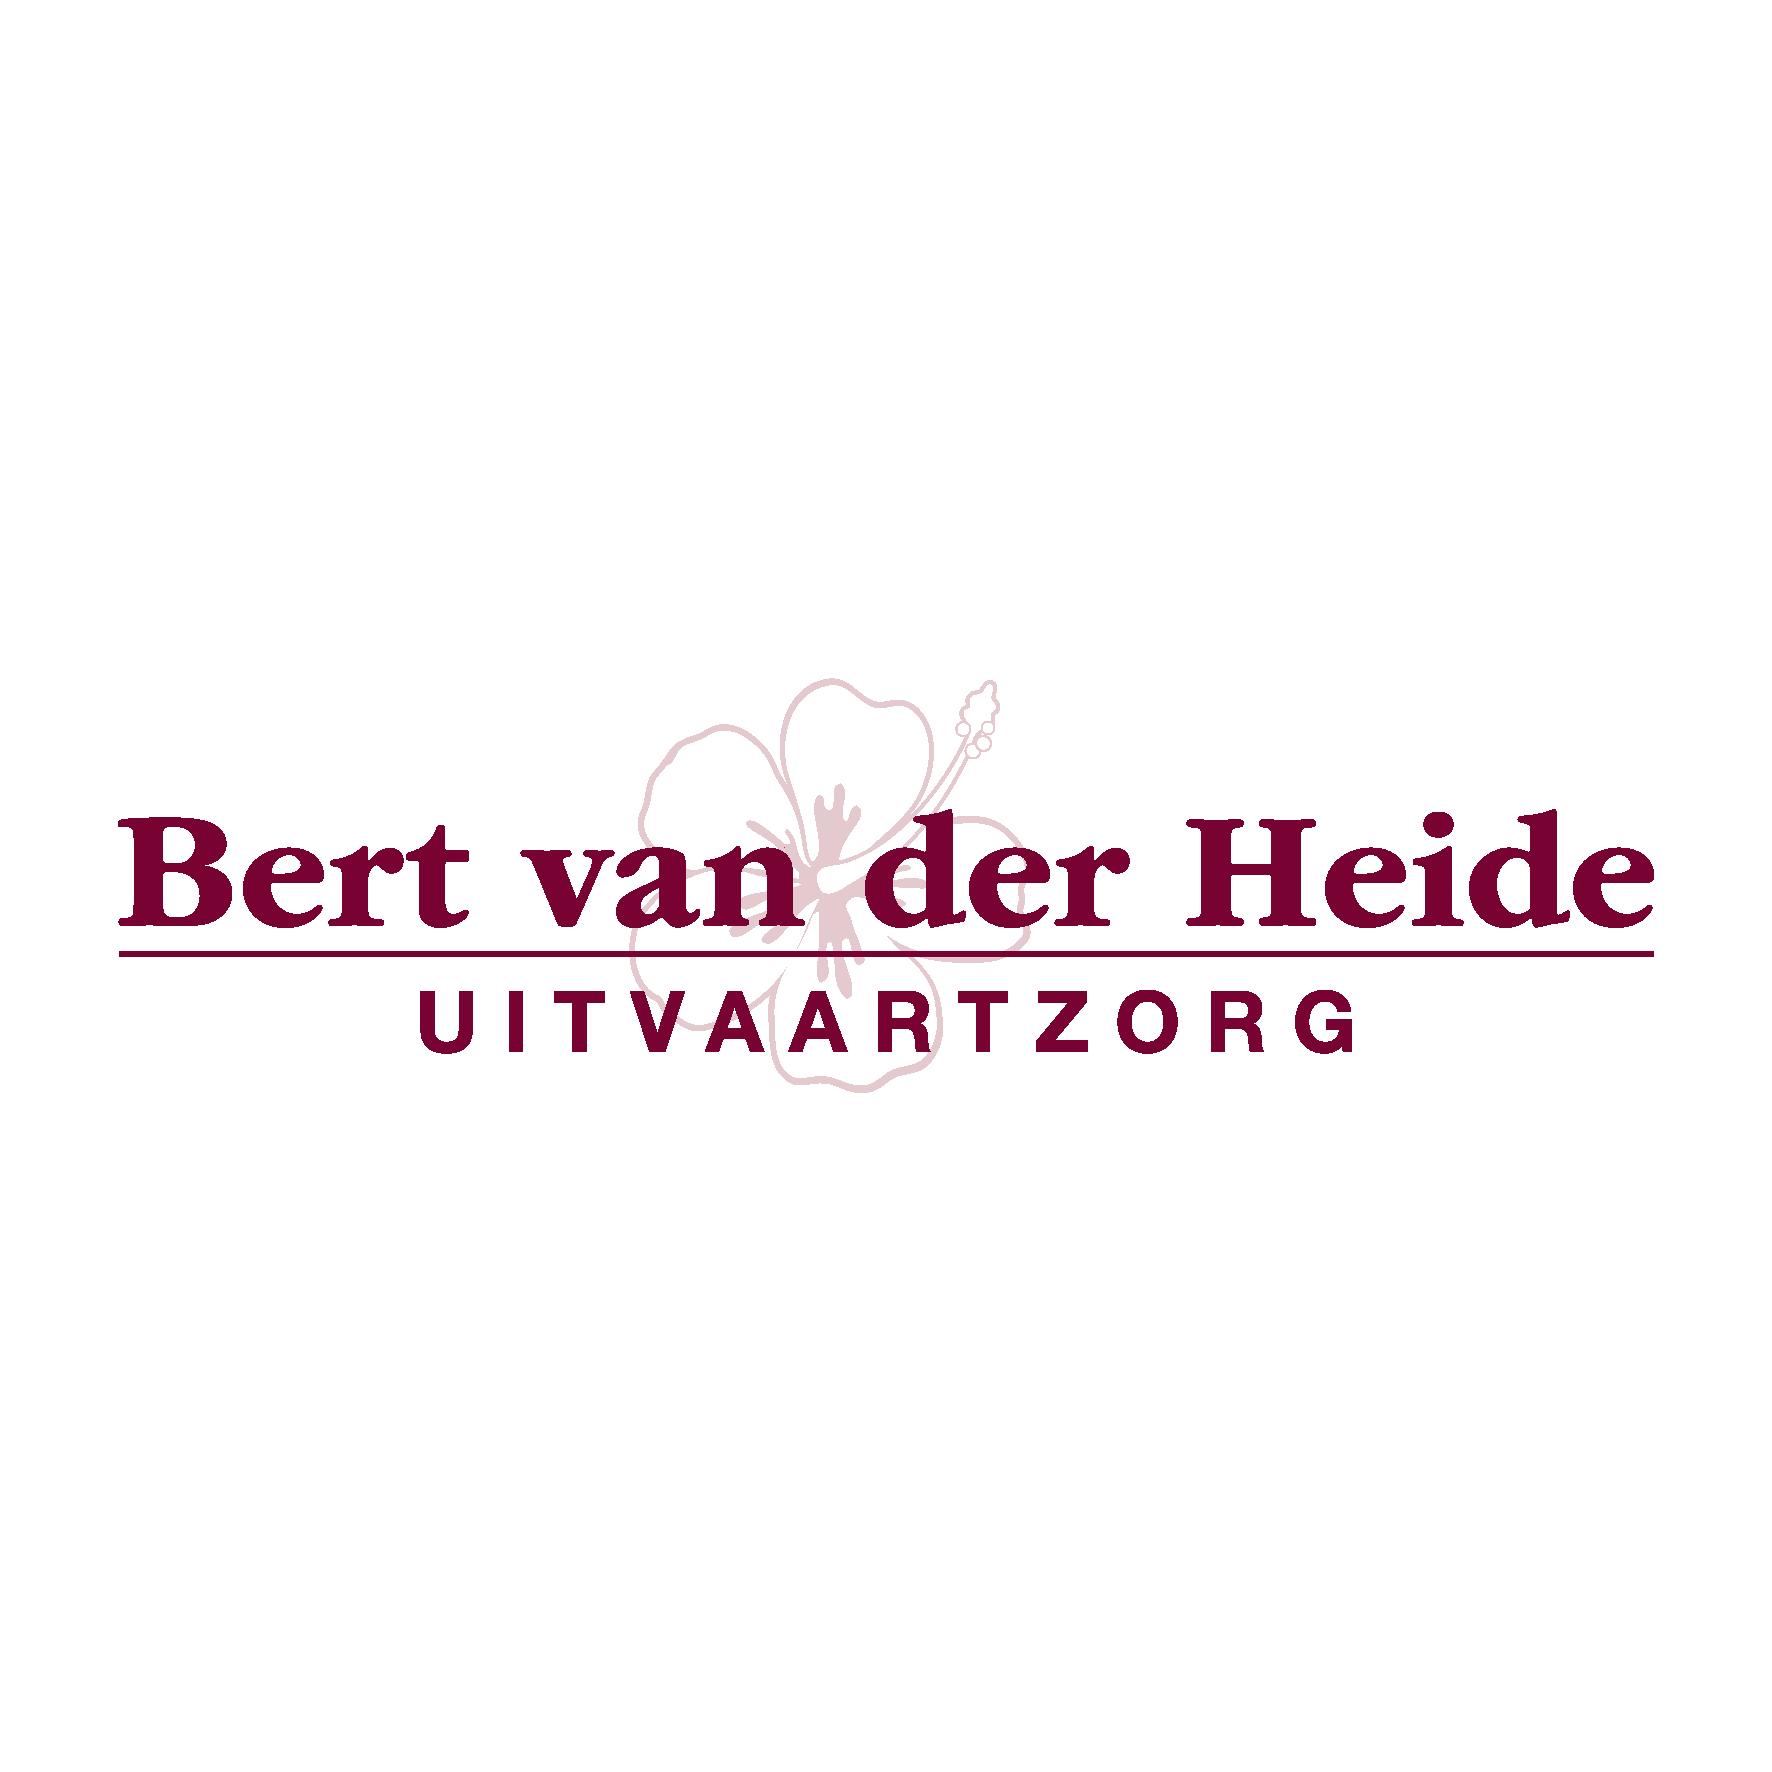 Bert van der Heide Uitvaartzorg